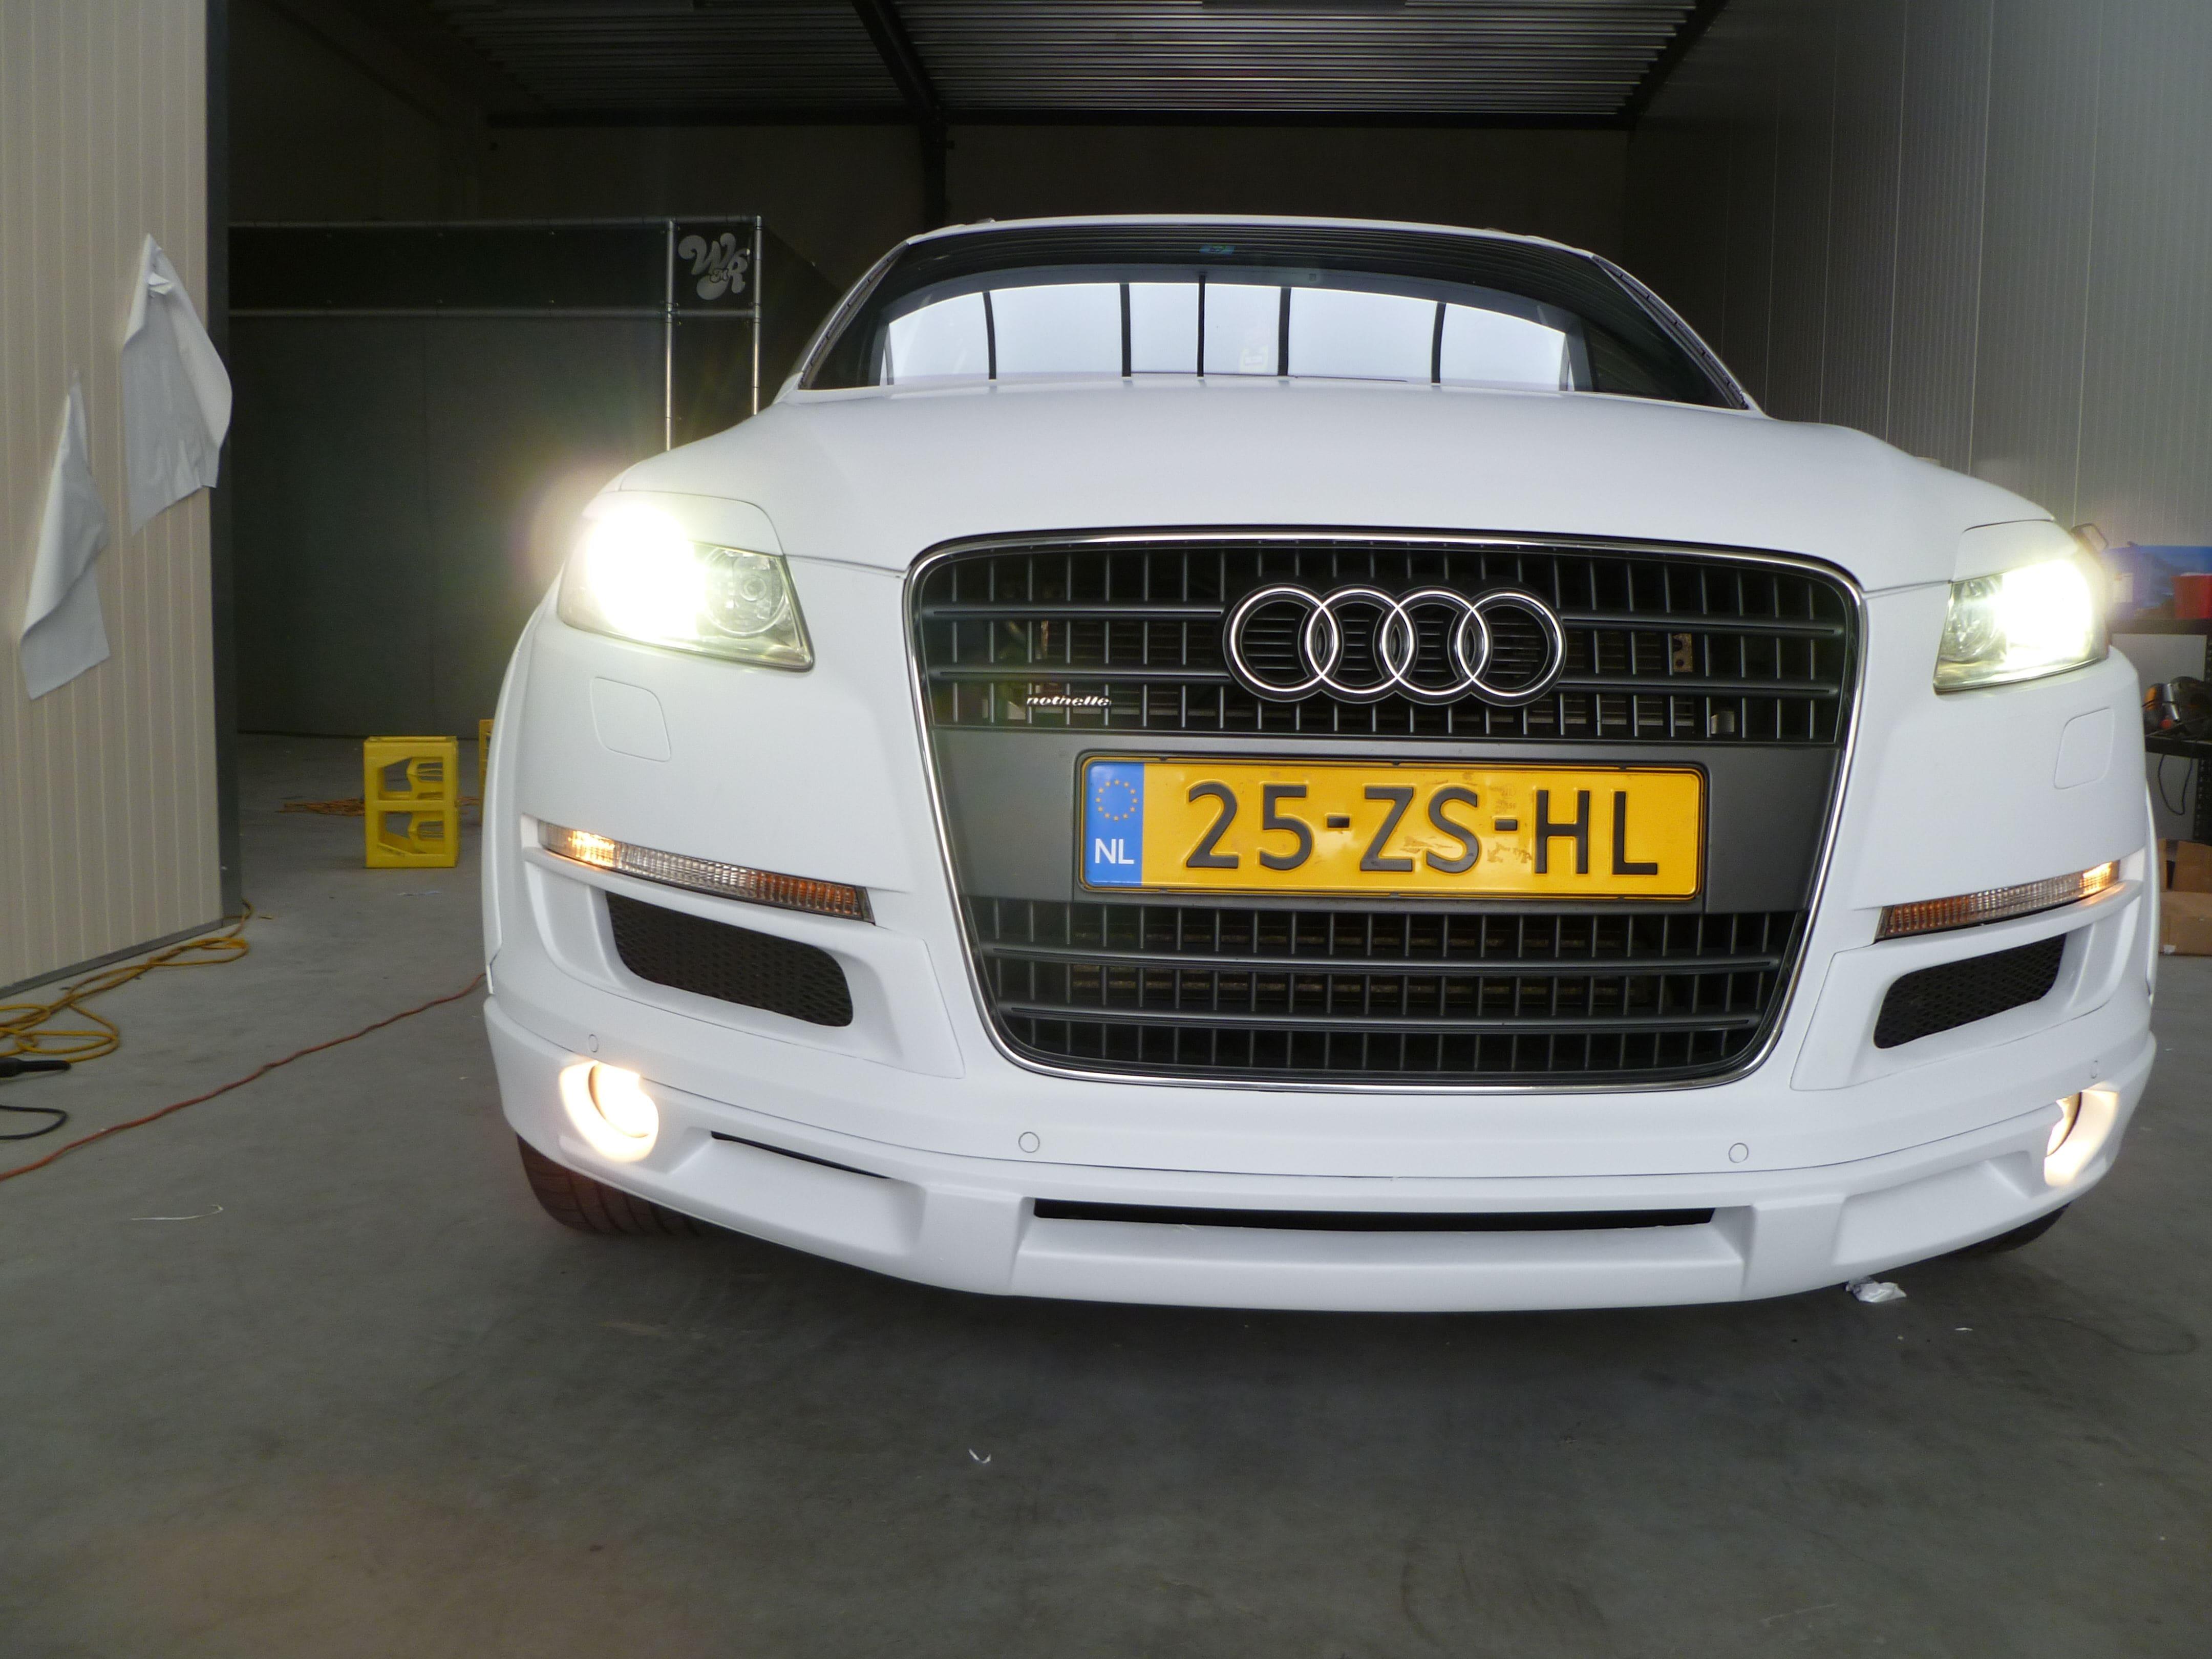 Audi Q7 met Mat Witte Wrap, Carwrapping door Wrapmyride.nu Foto-nr:5004, ©2021